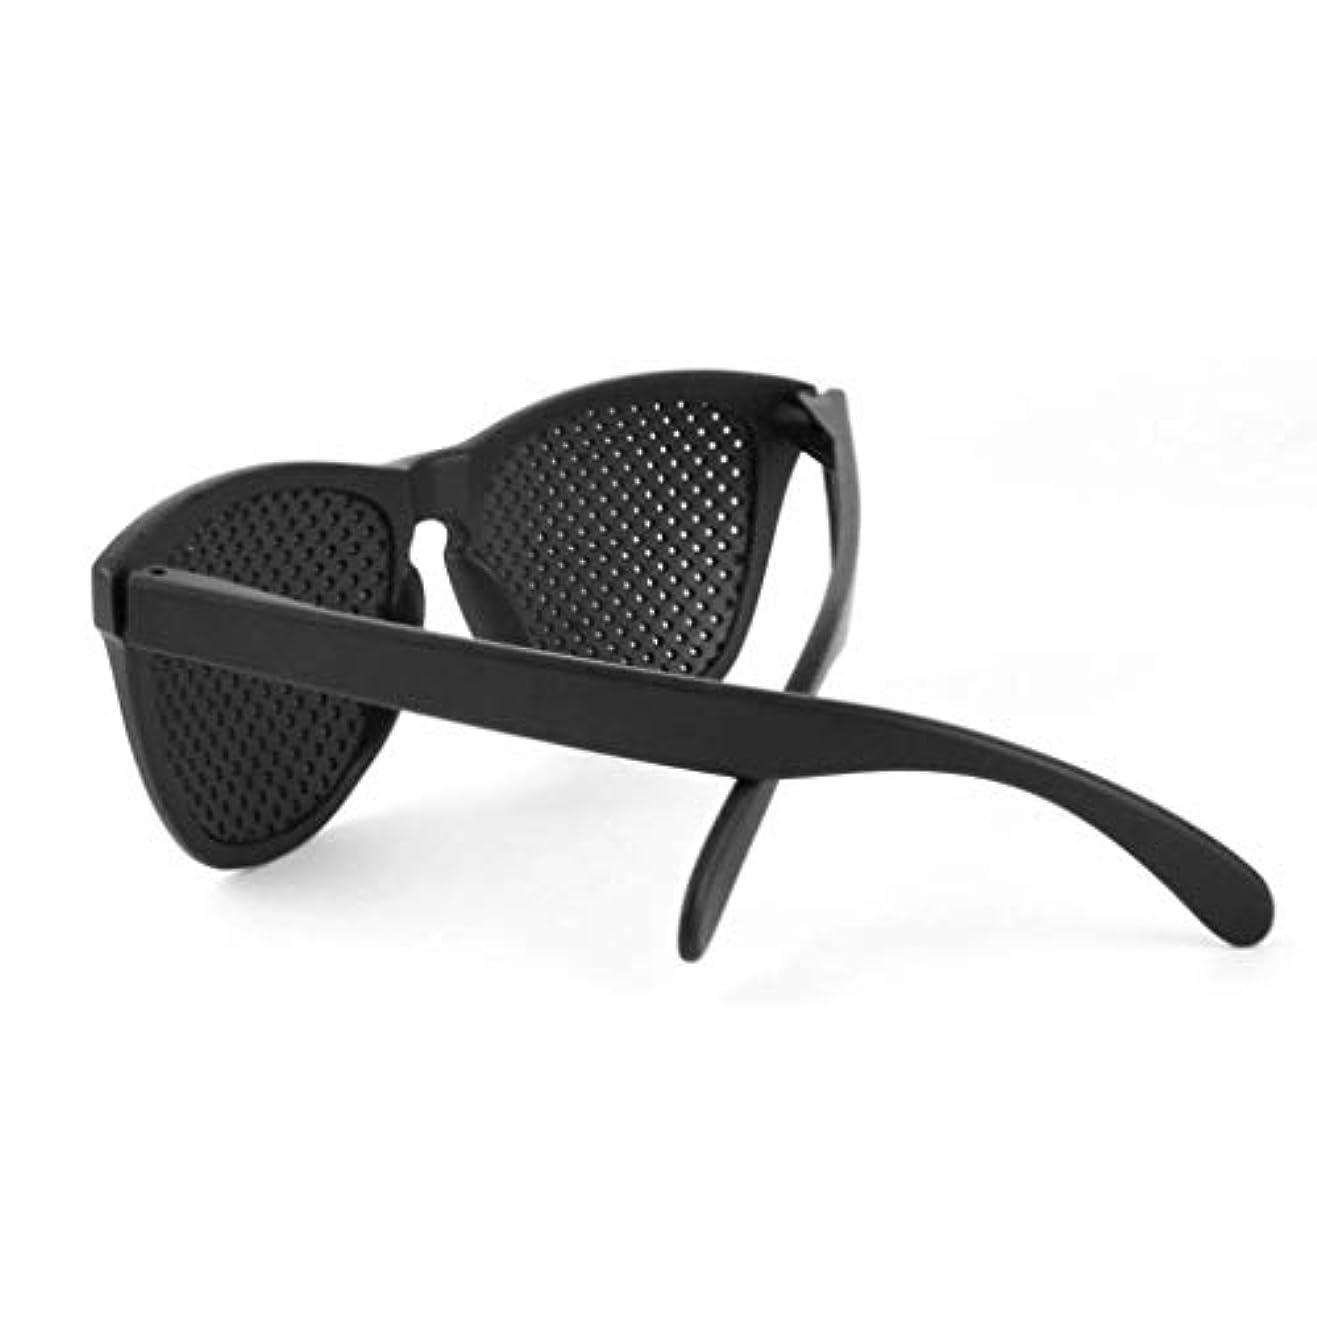 彫刻免除する単語ピンホールメガネ、視力矯正メガネ網状視力保護メガネ耐疲労性メガネ近視の防止メガネの改善